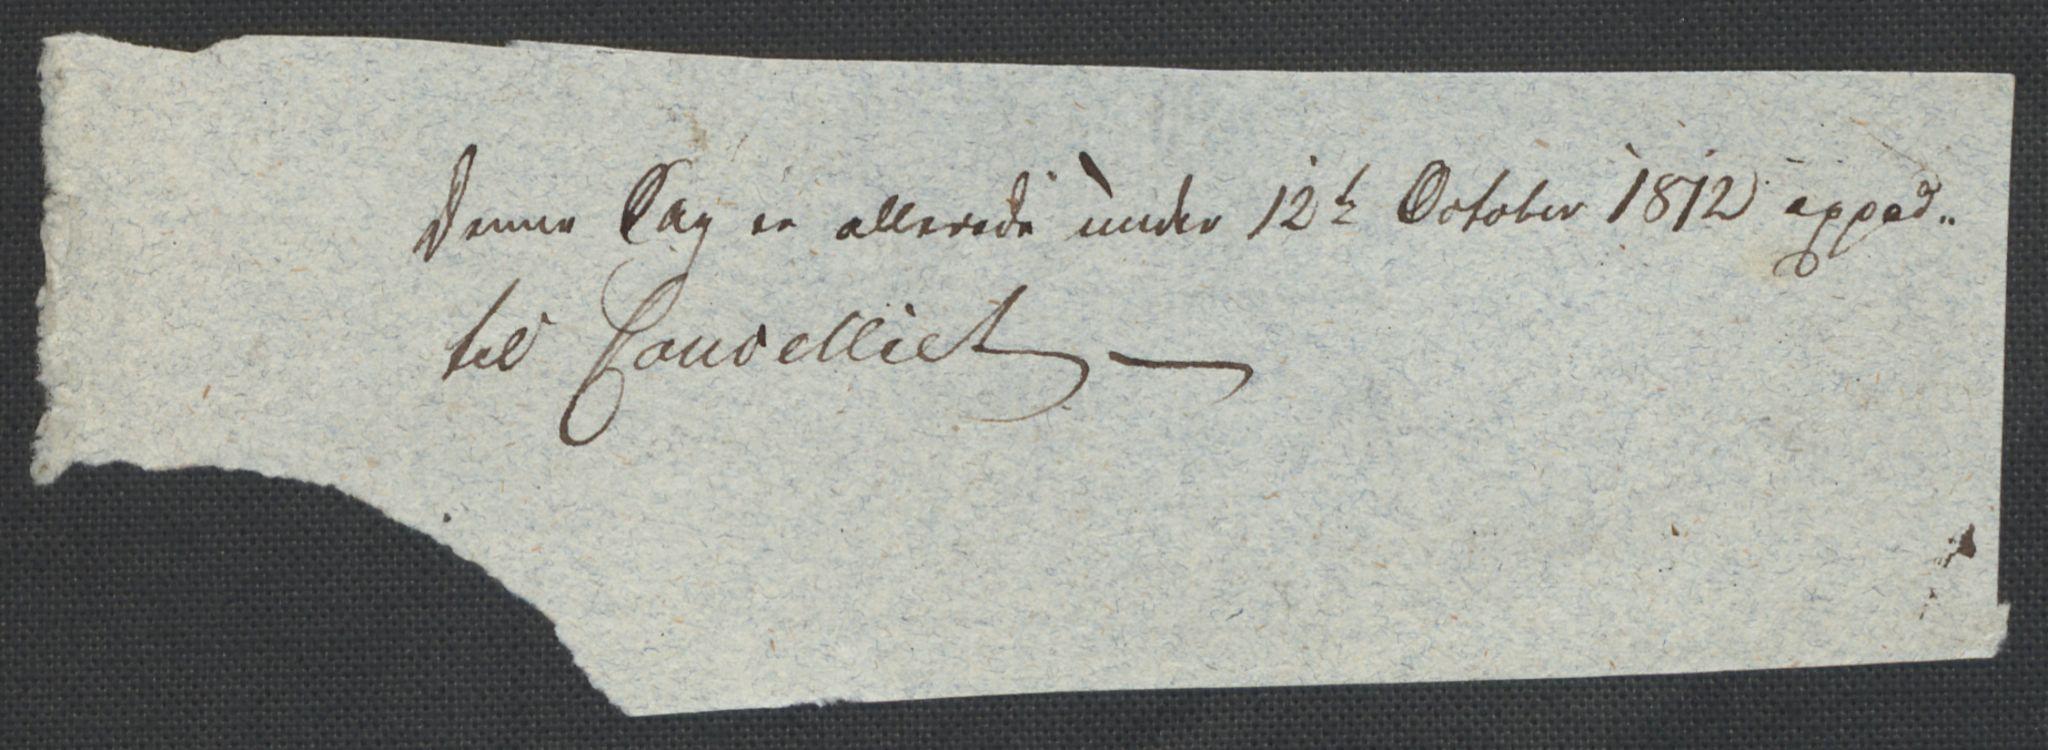 RA, Christie, Wilhelm Frimann Koren, F/L0004, 1814, s. 3